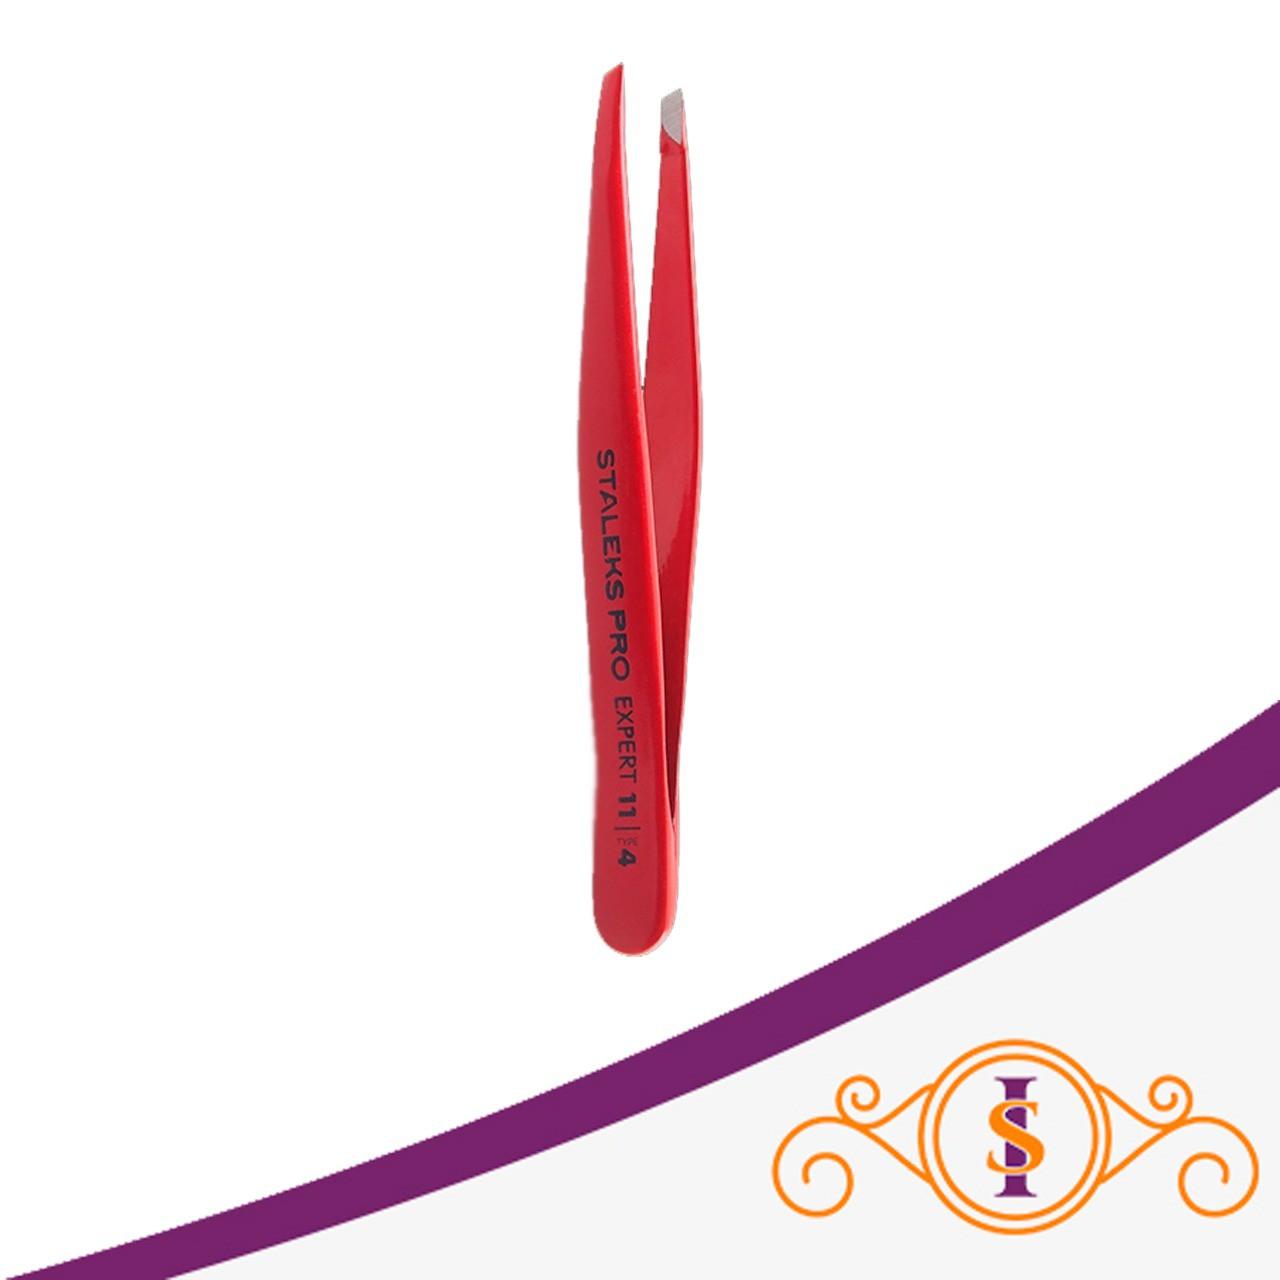 Pinça de Sobrancelha Staleks Pro - Série Expert 11 - Chanfrada - TE-11-4 - Vermelha